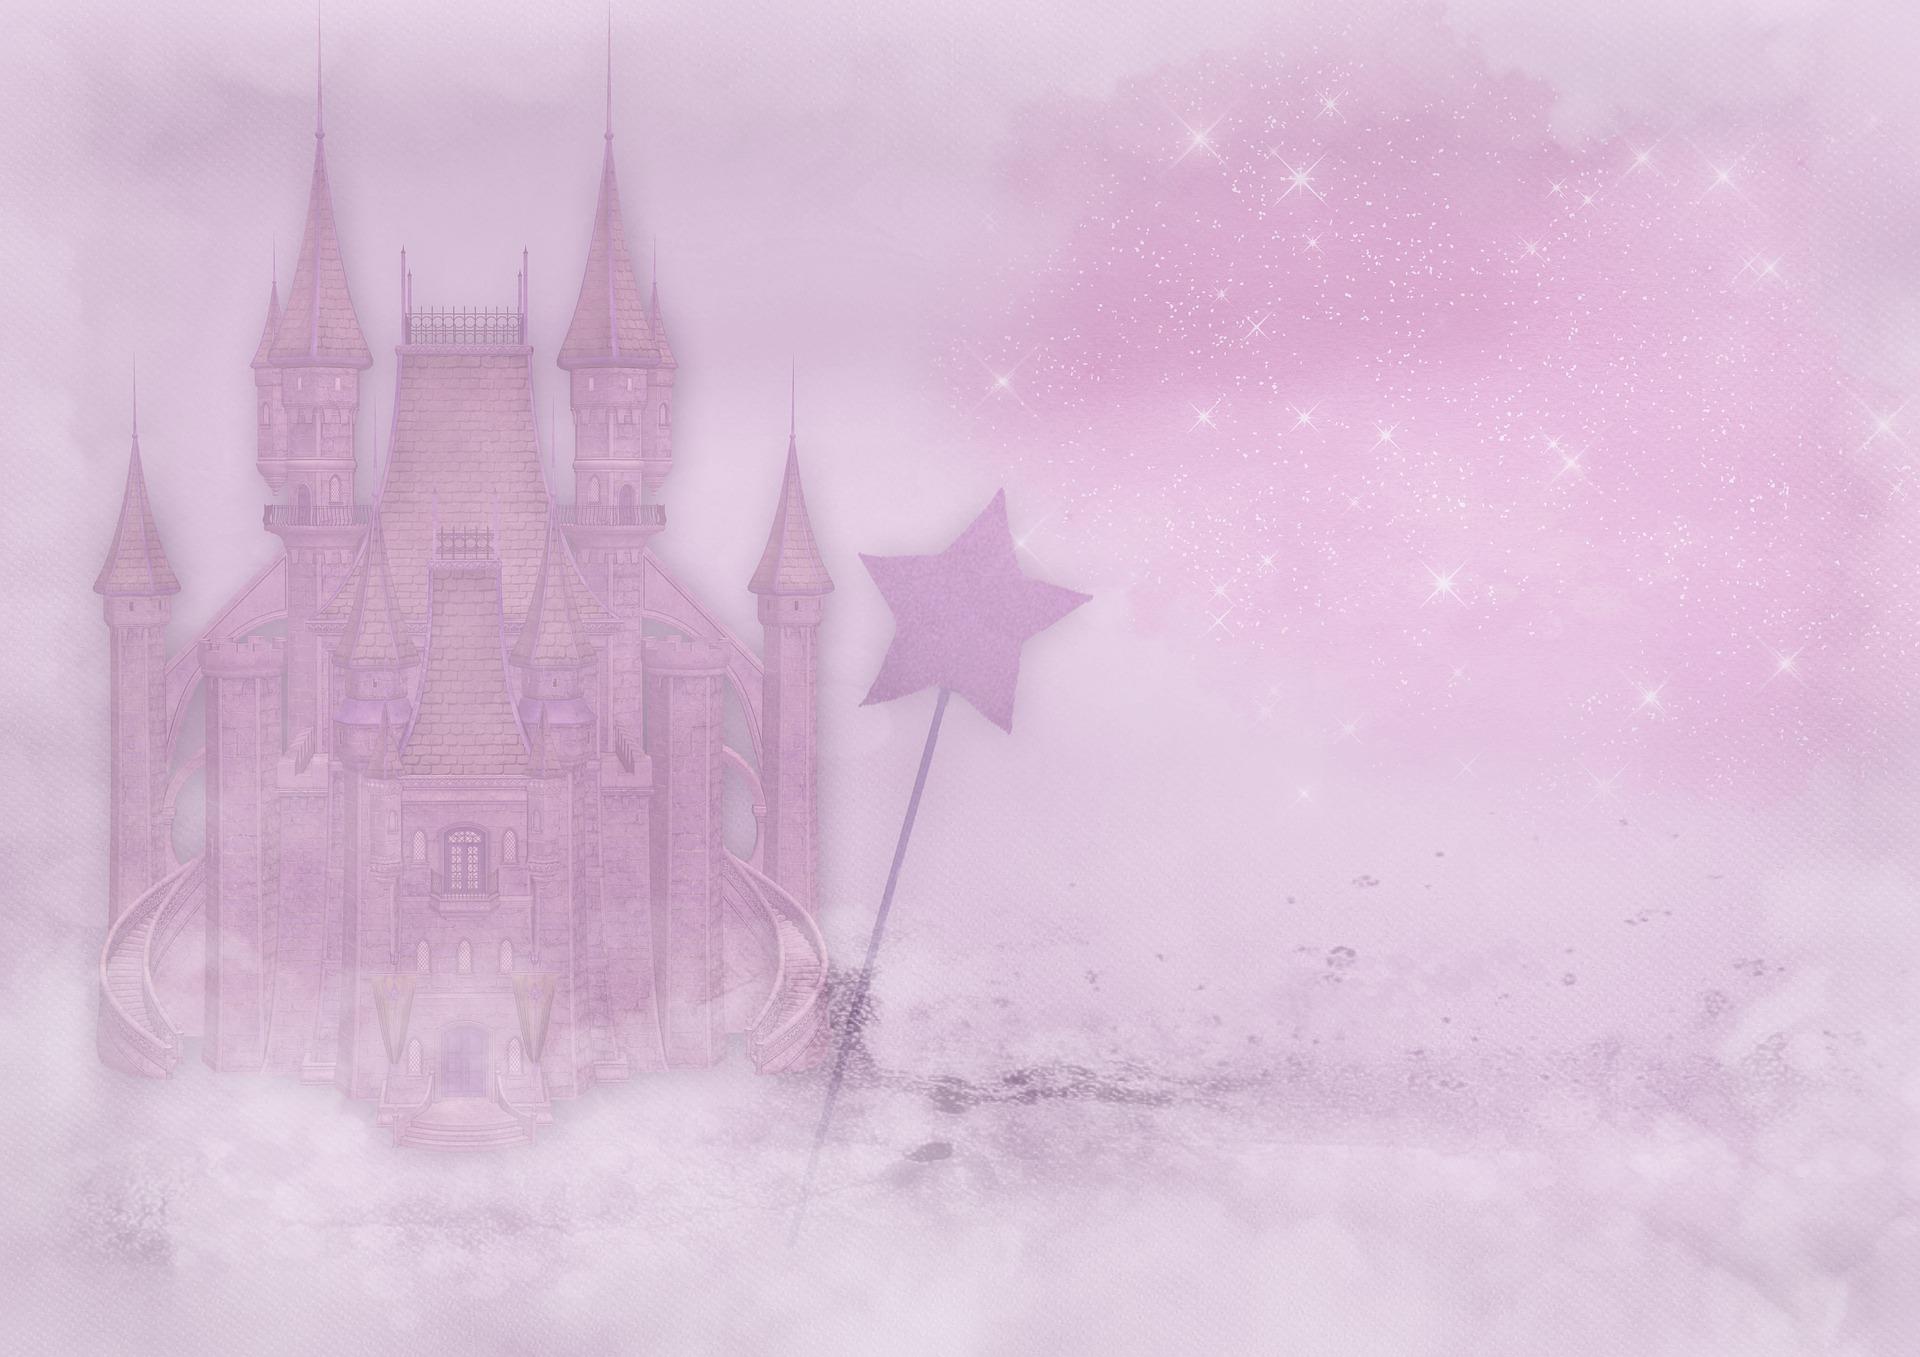 Geschlechterrrollen: rosa Schloss